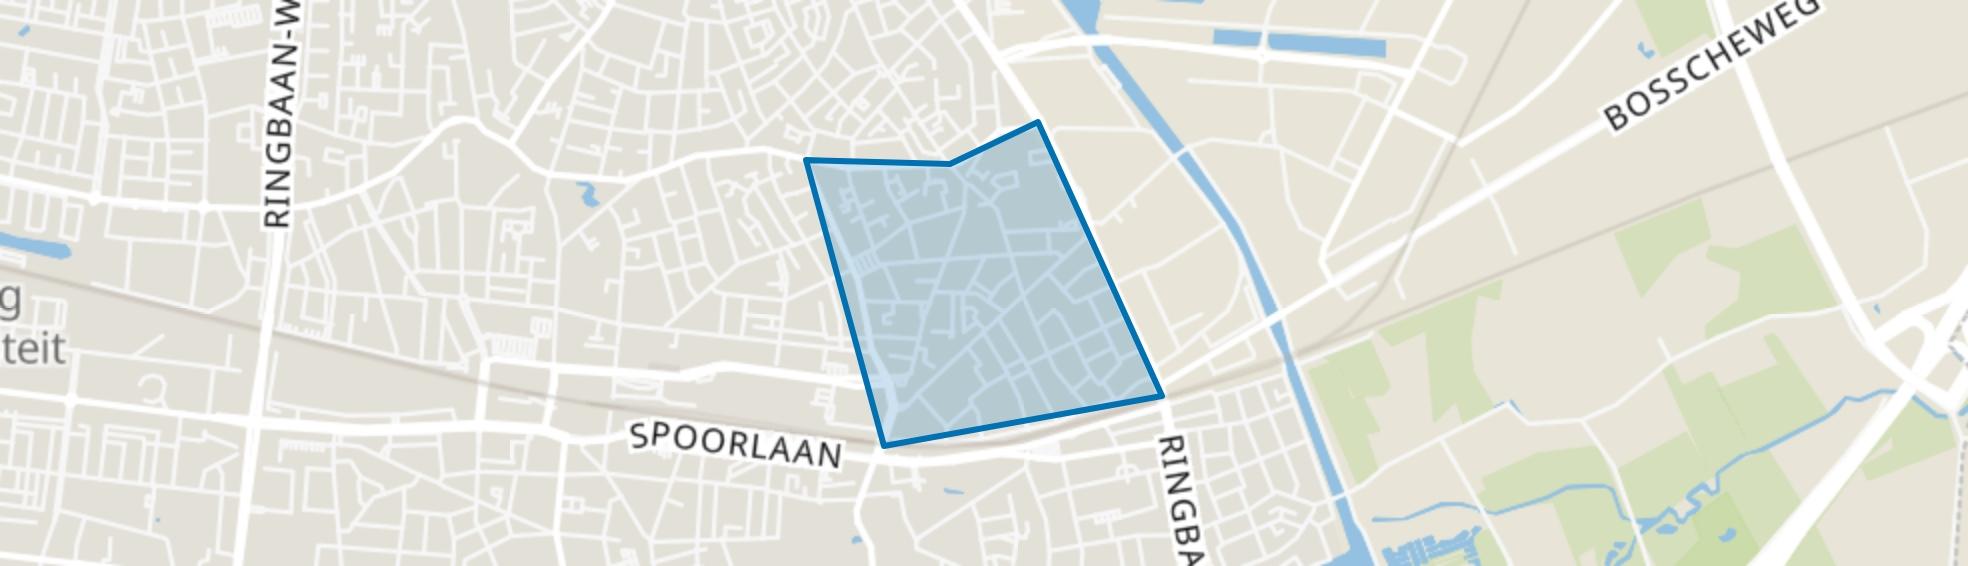 Loven-Besterd, Tilburg map